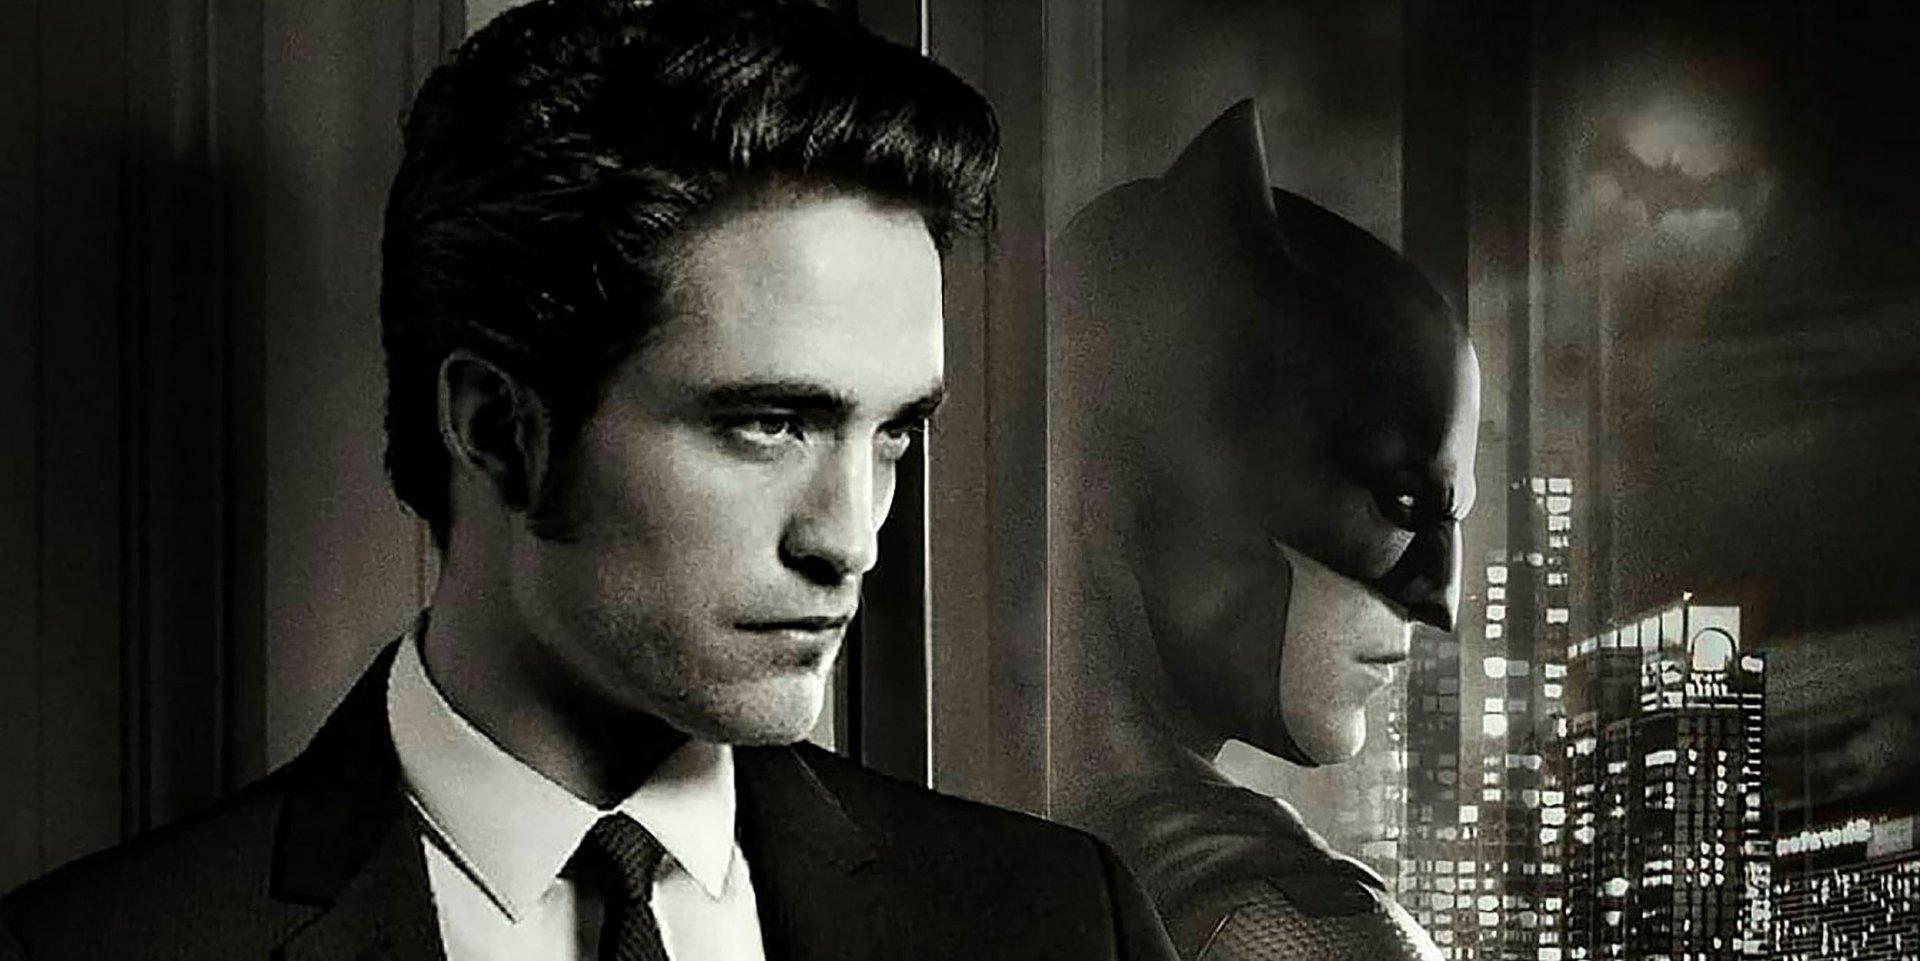 aterradora situación que vivió Robert Pattinson